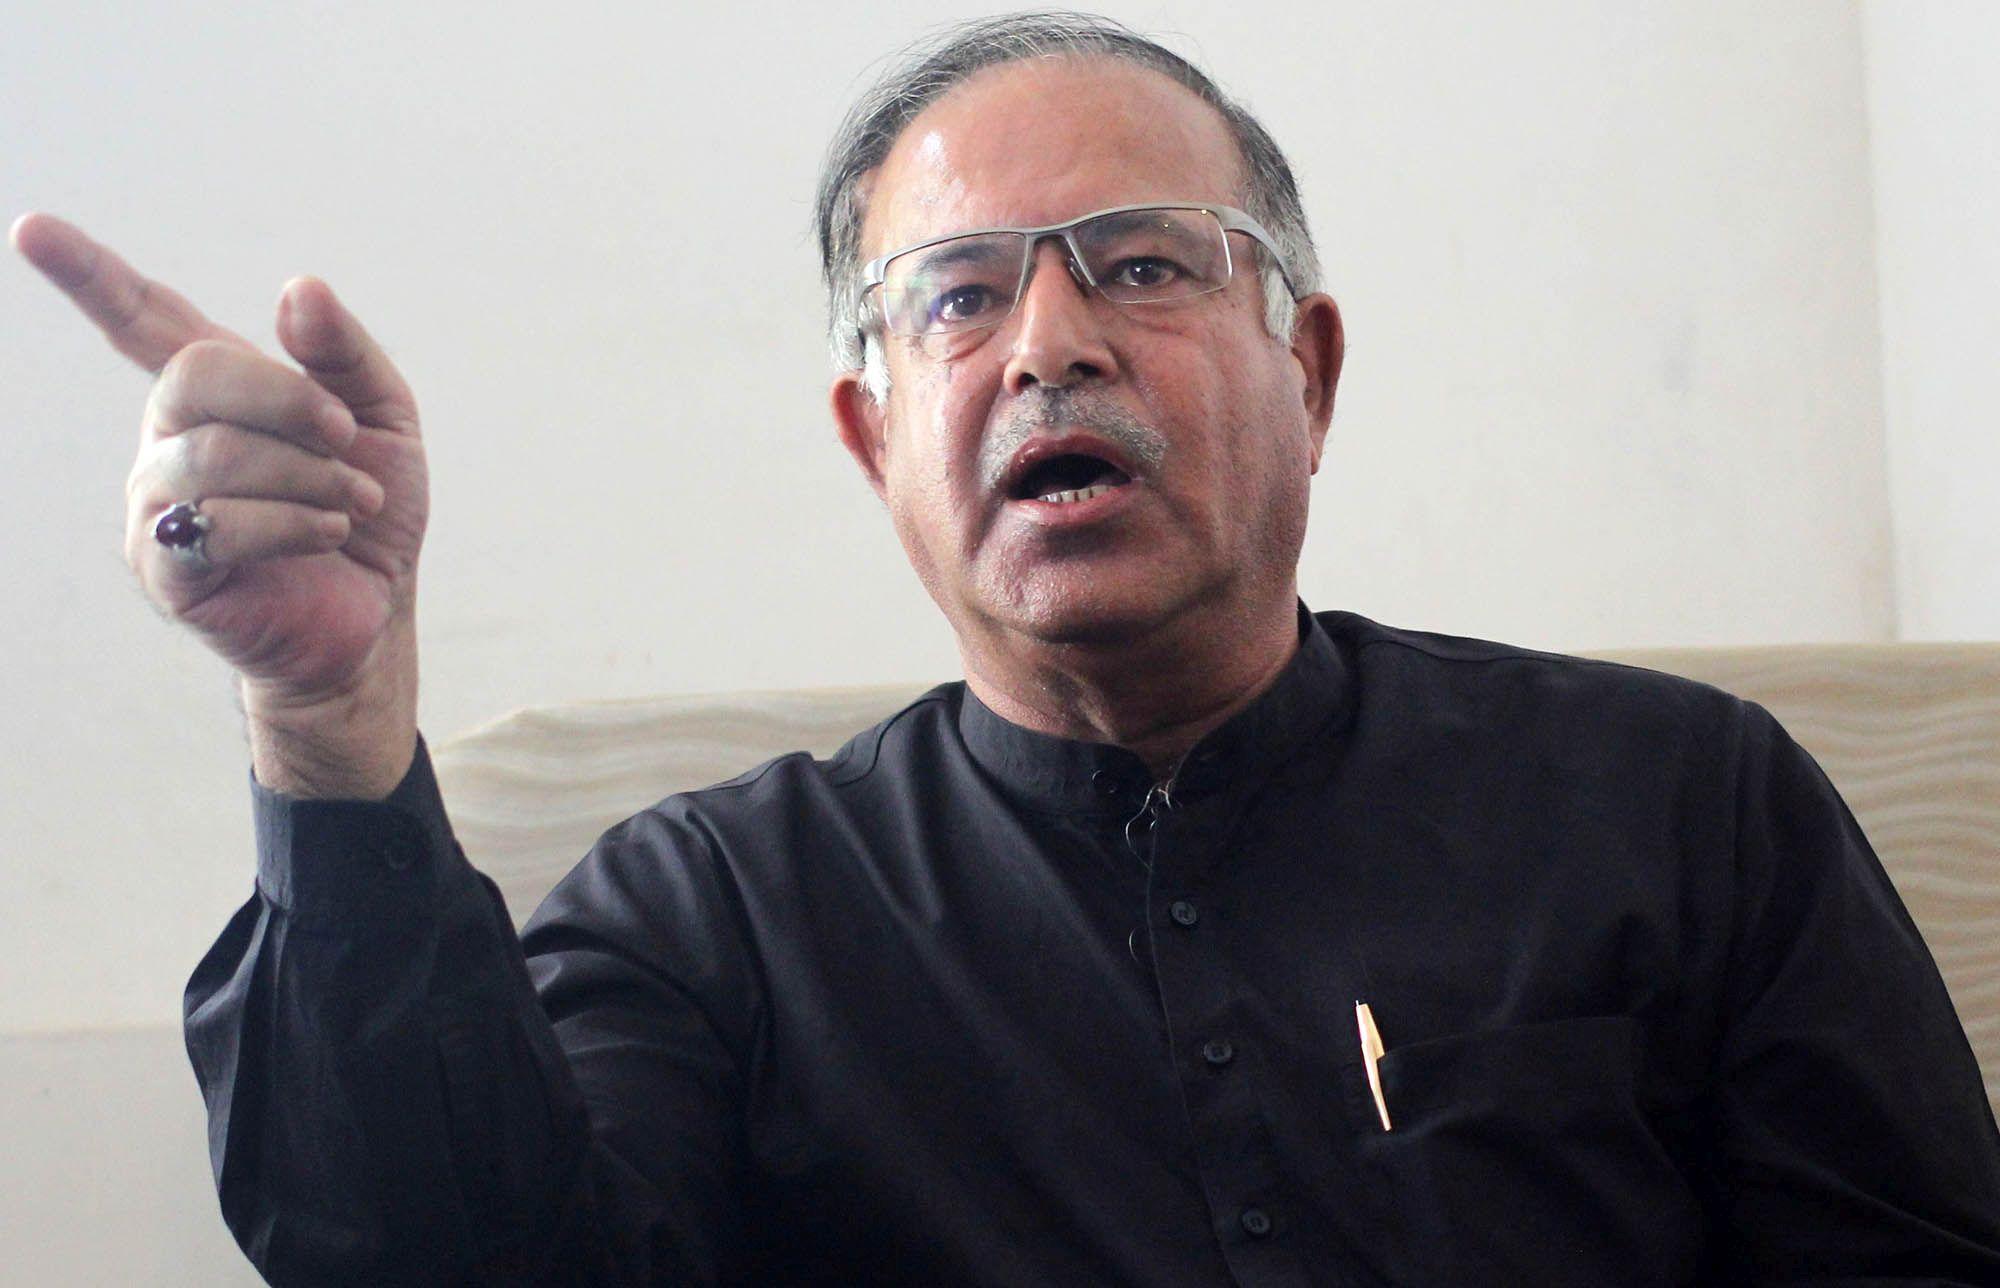 PDP leader, Srinagar Lok Sabha MP, Tariq Hameed Karra quits party